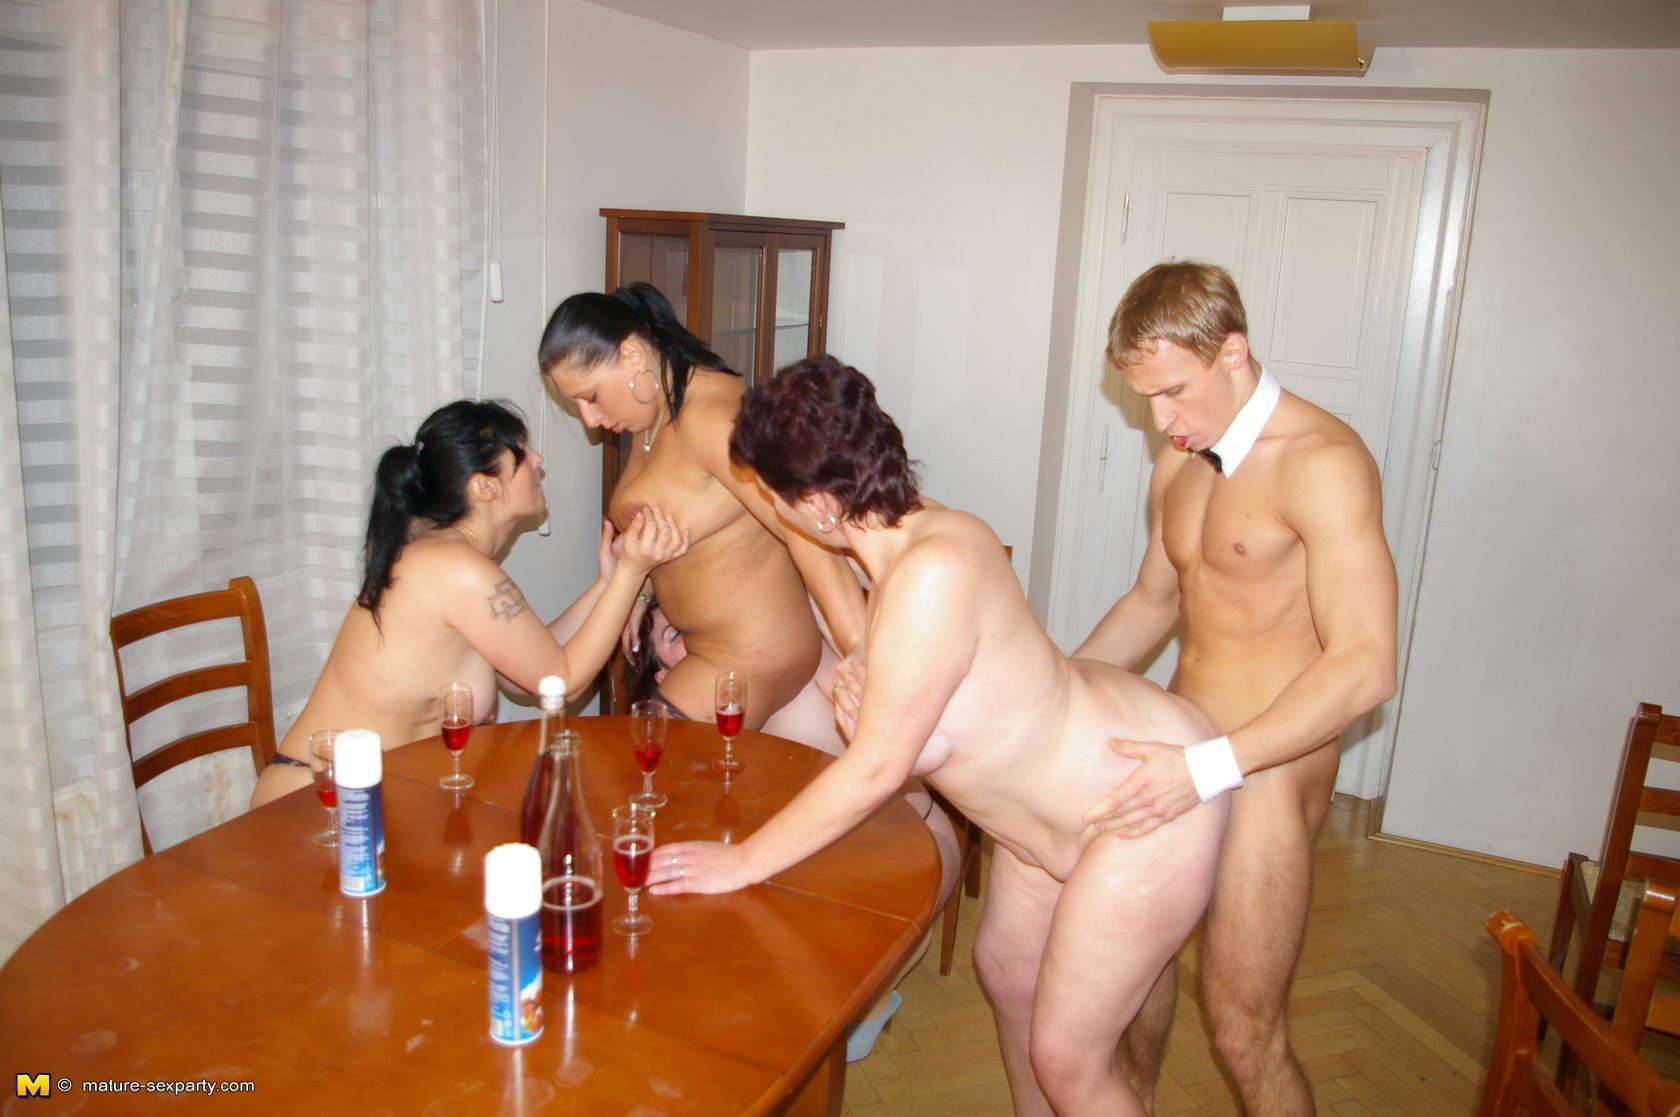 Страстный секс в туалете ресторан 15 фотография